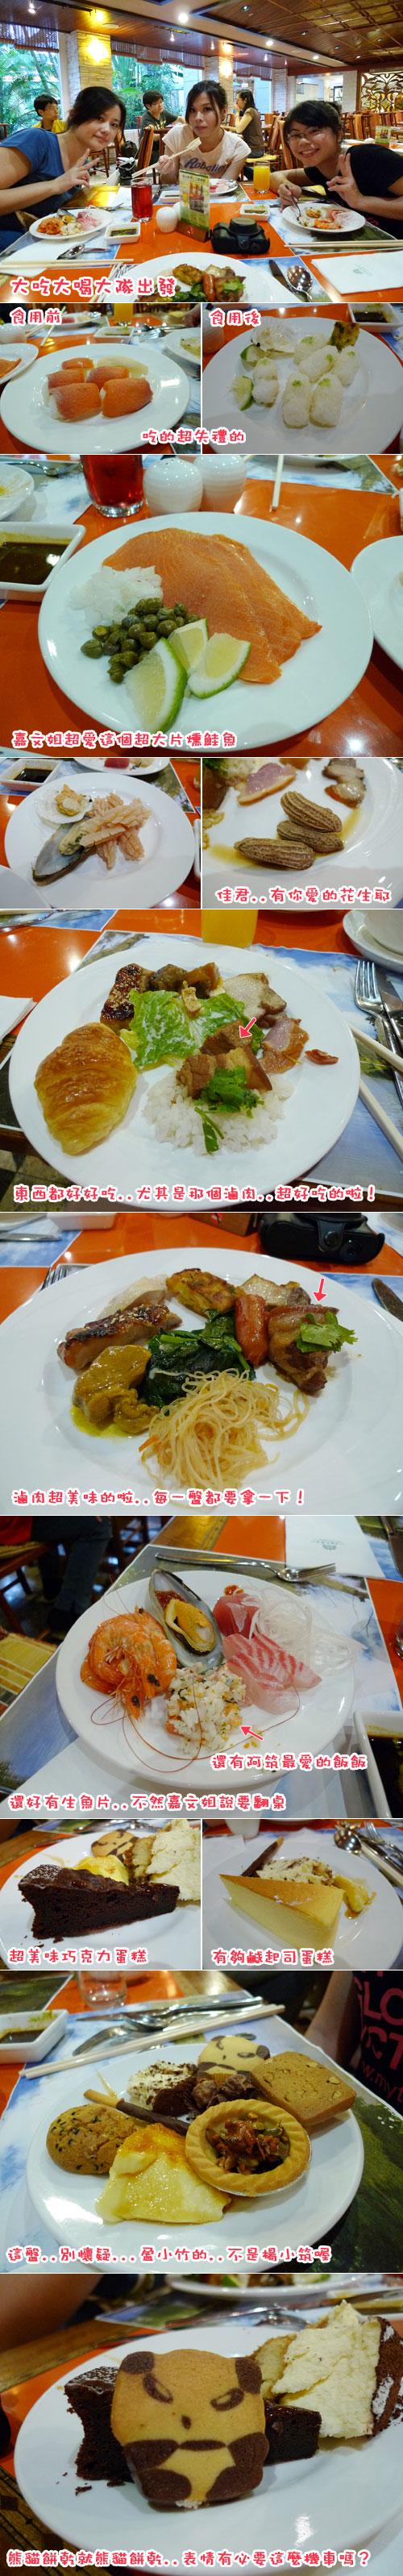 員工旅遊---晚餐食物們.jpg